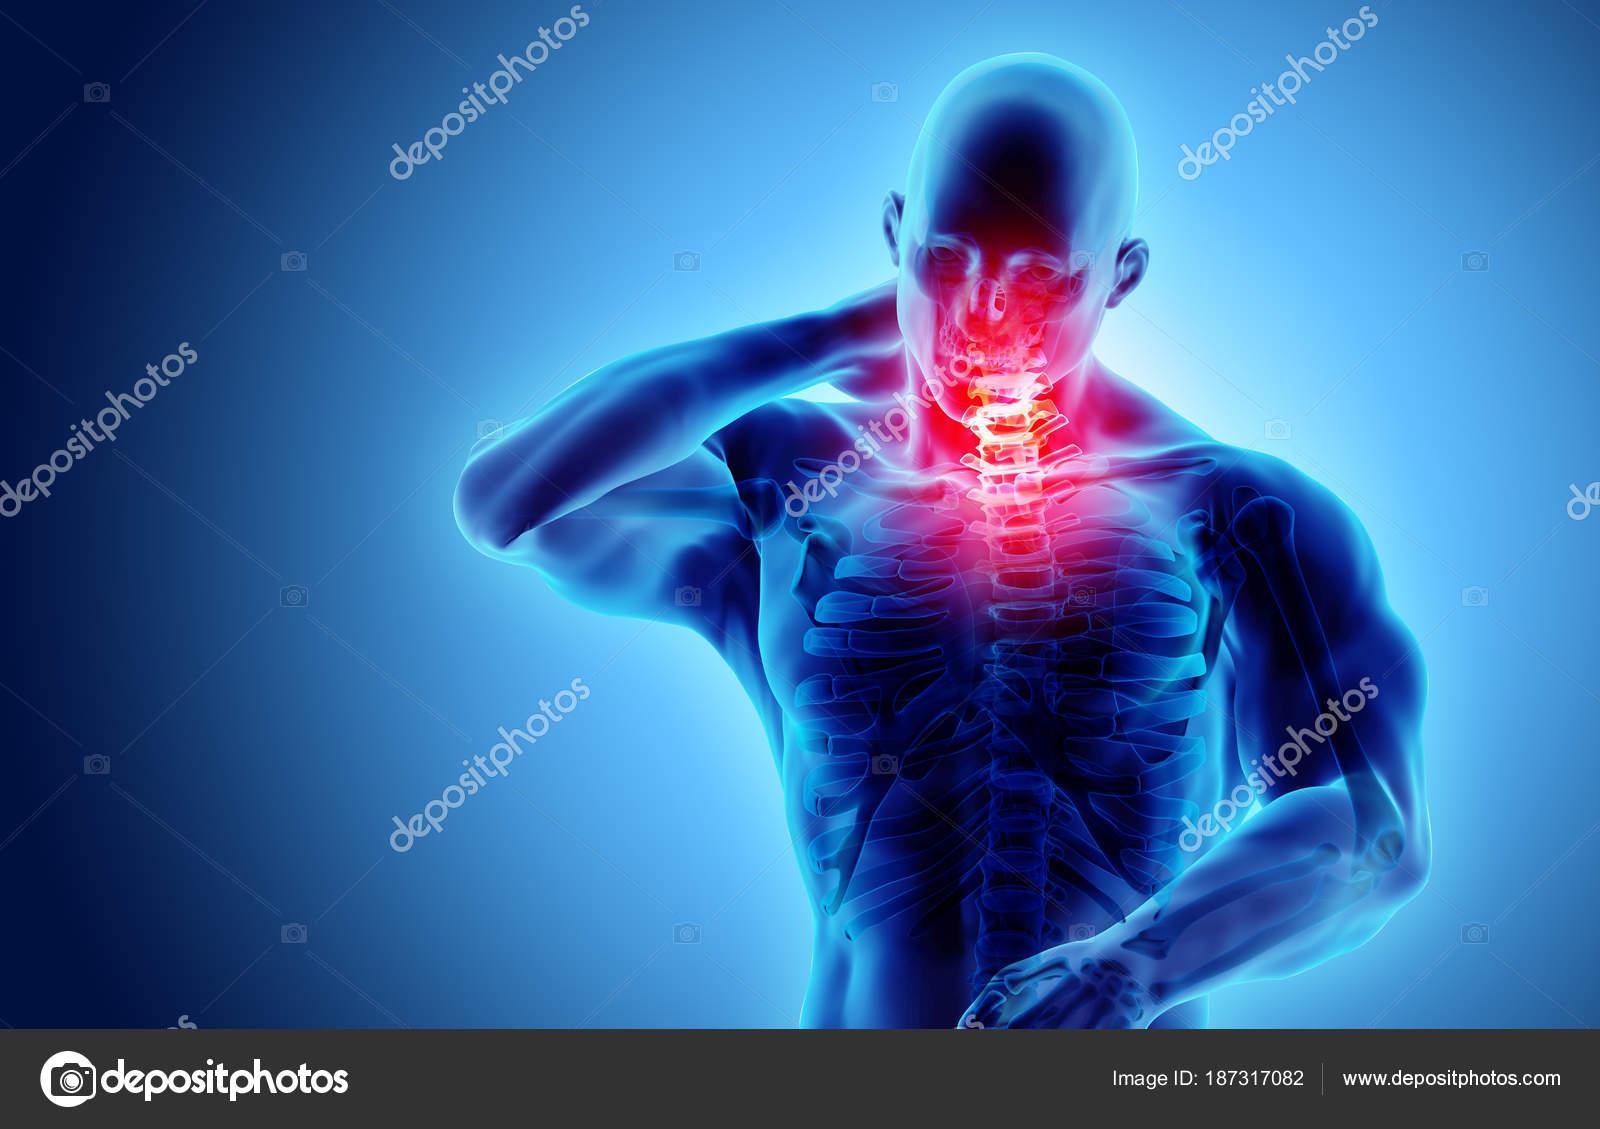 Nacken schmerzhaft - Skelett Röntgen Halswirbelsäule, 3d ...